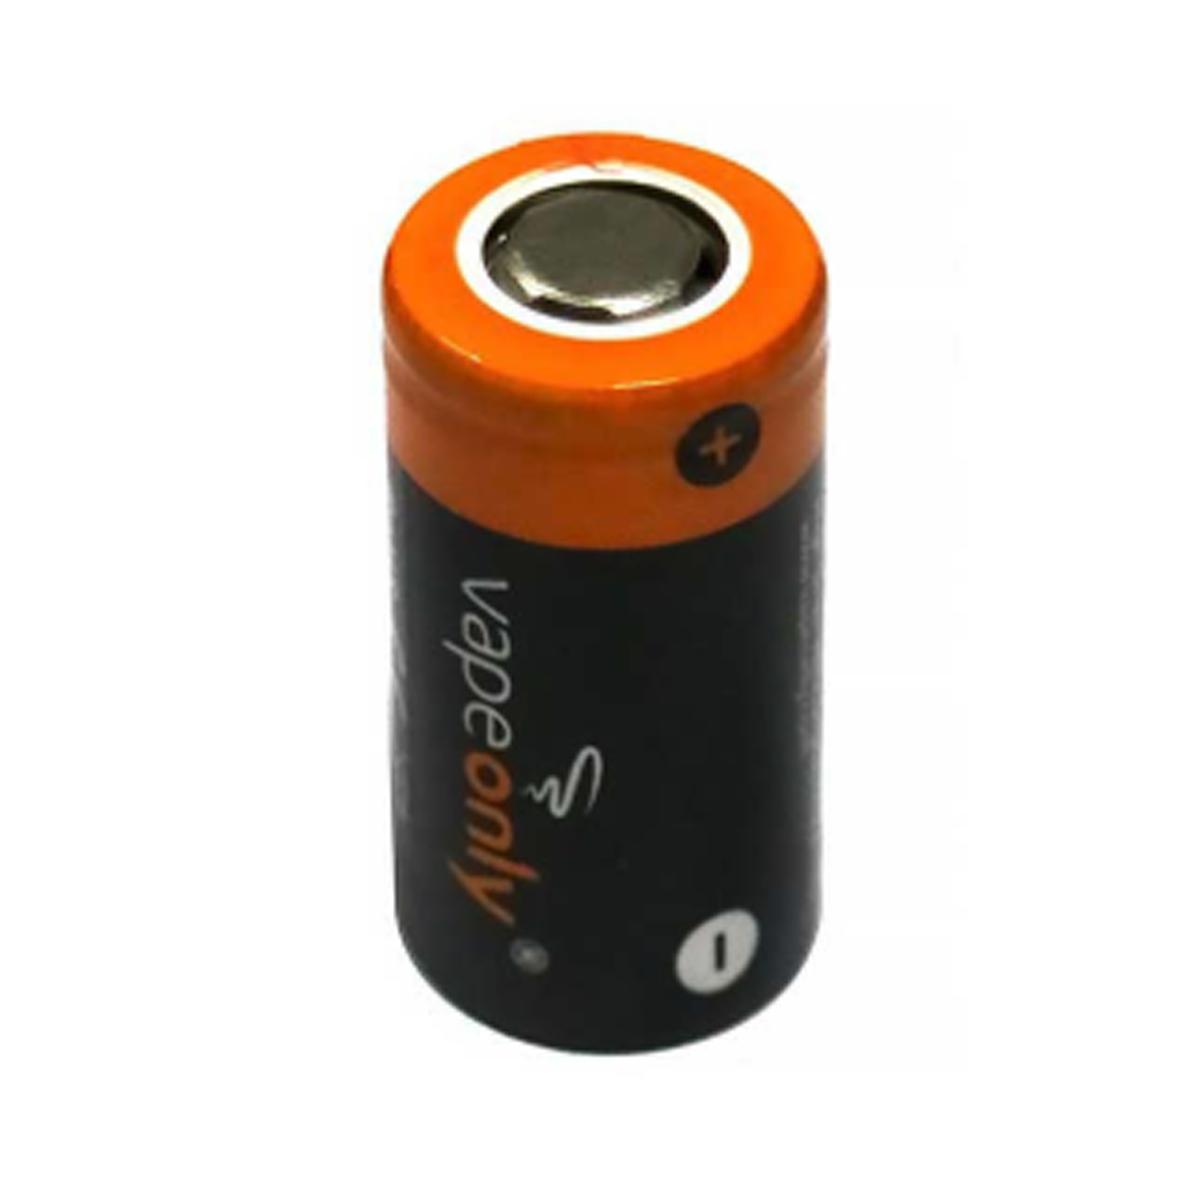 VapeOnly 15A Batteri - 1100mAh